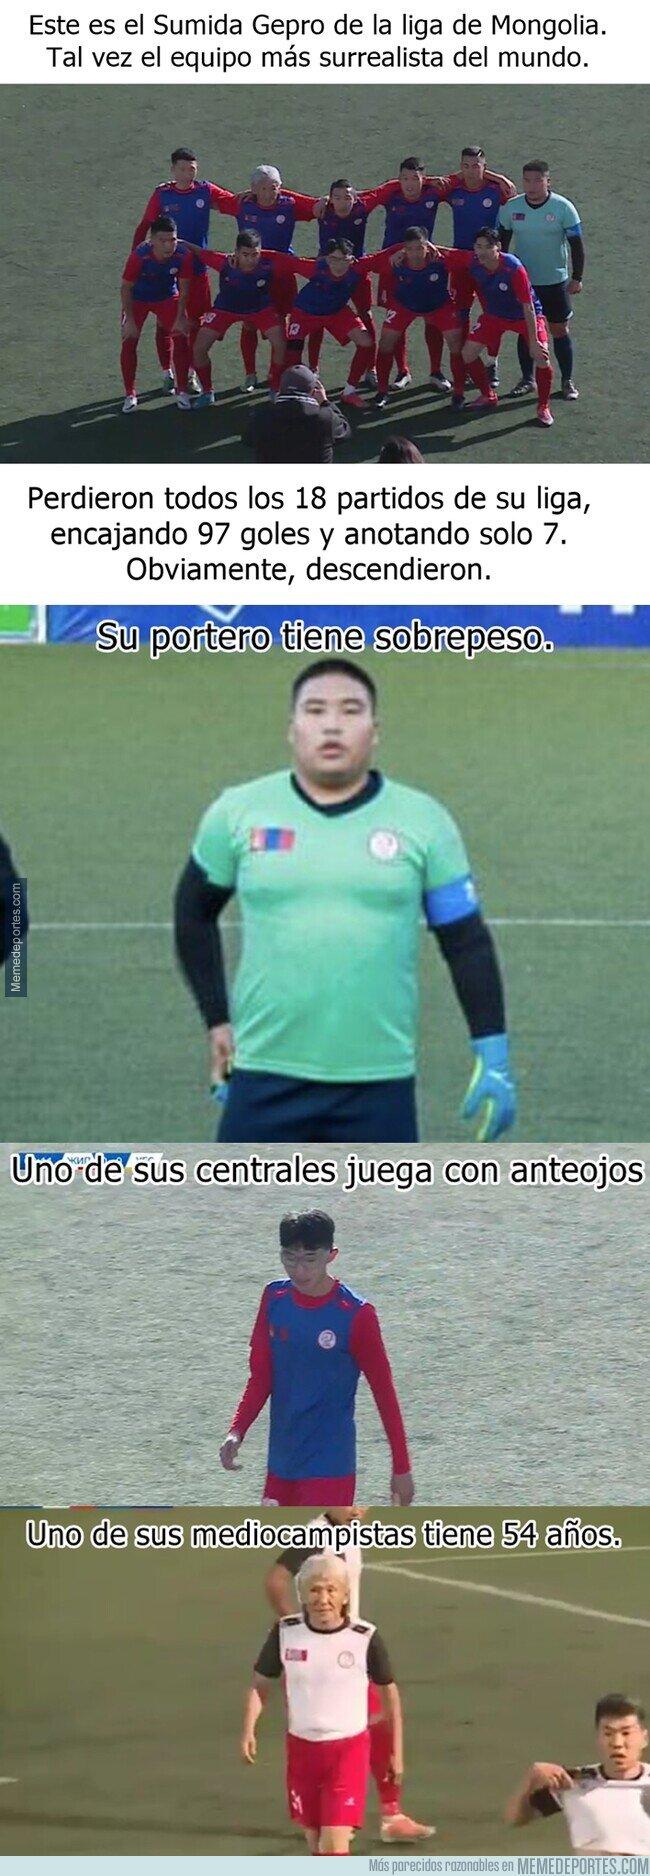 1120242 - El Sumida Gepro, el club de los rechazados.